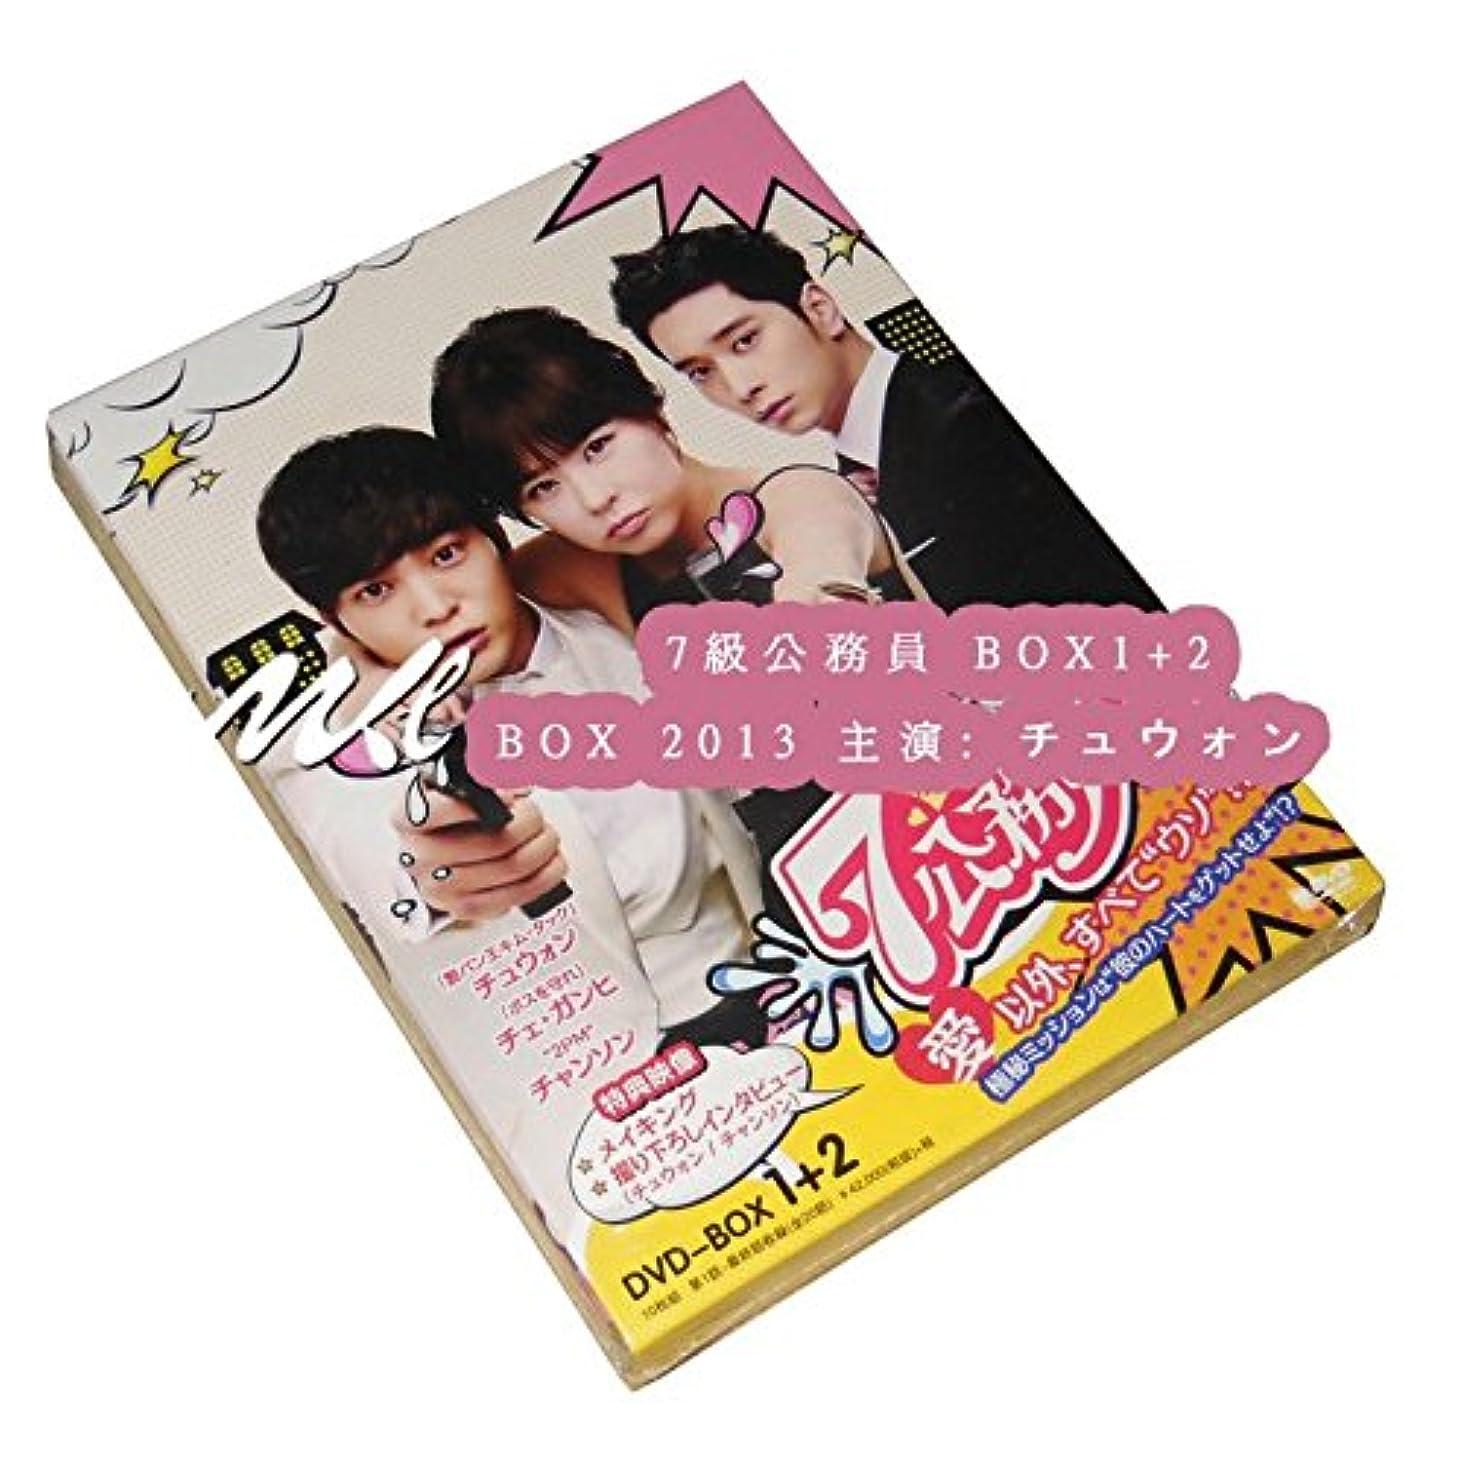 港動物園港7級公務員 BOX1+2 BOX 2013 主演: チュウォン